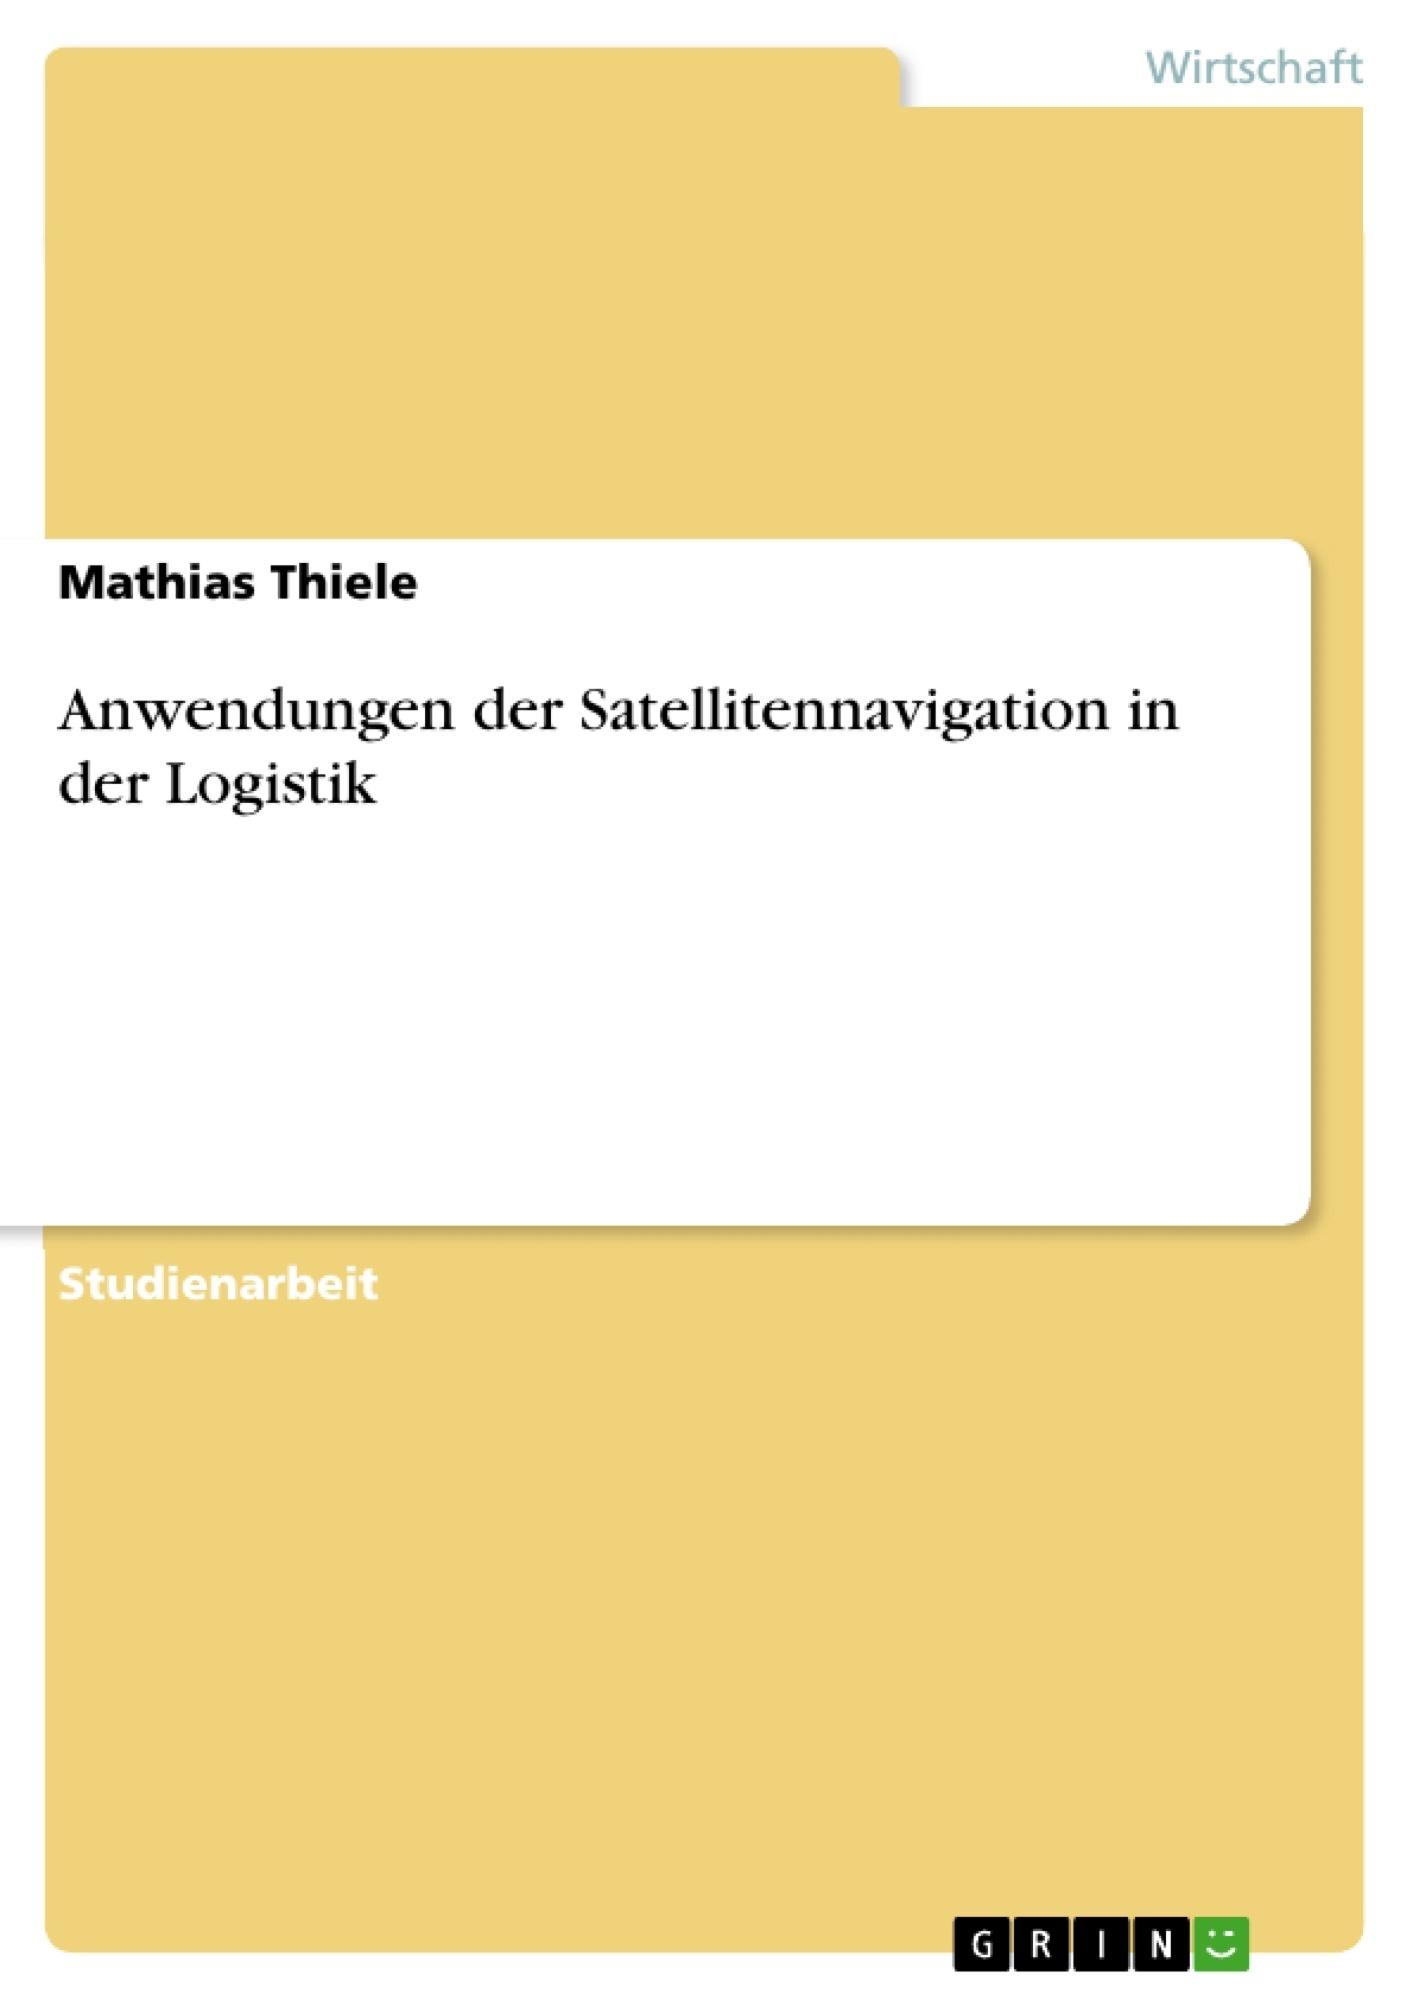 Titel: Anwendungen der Satellitennavigation in der Logistik